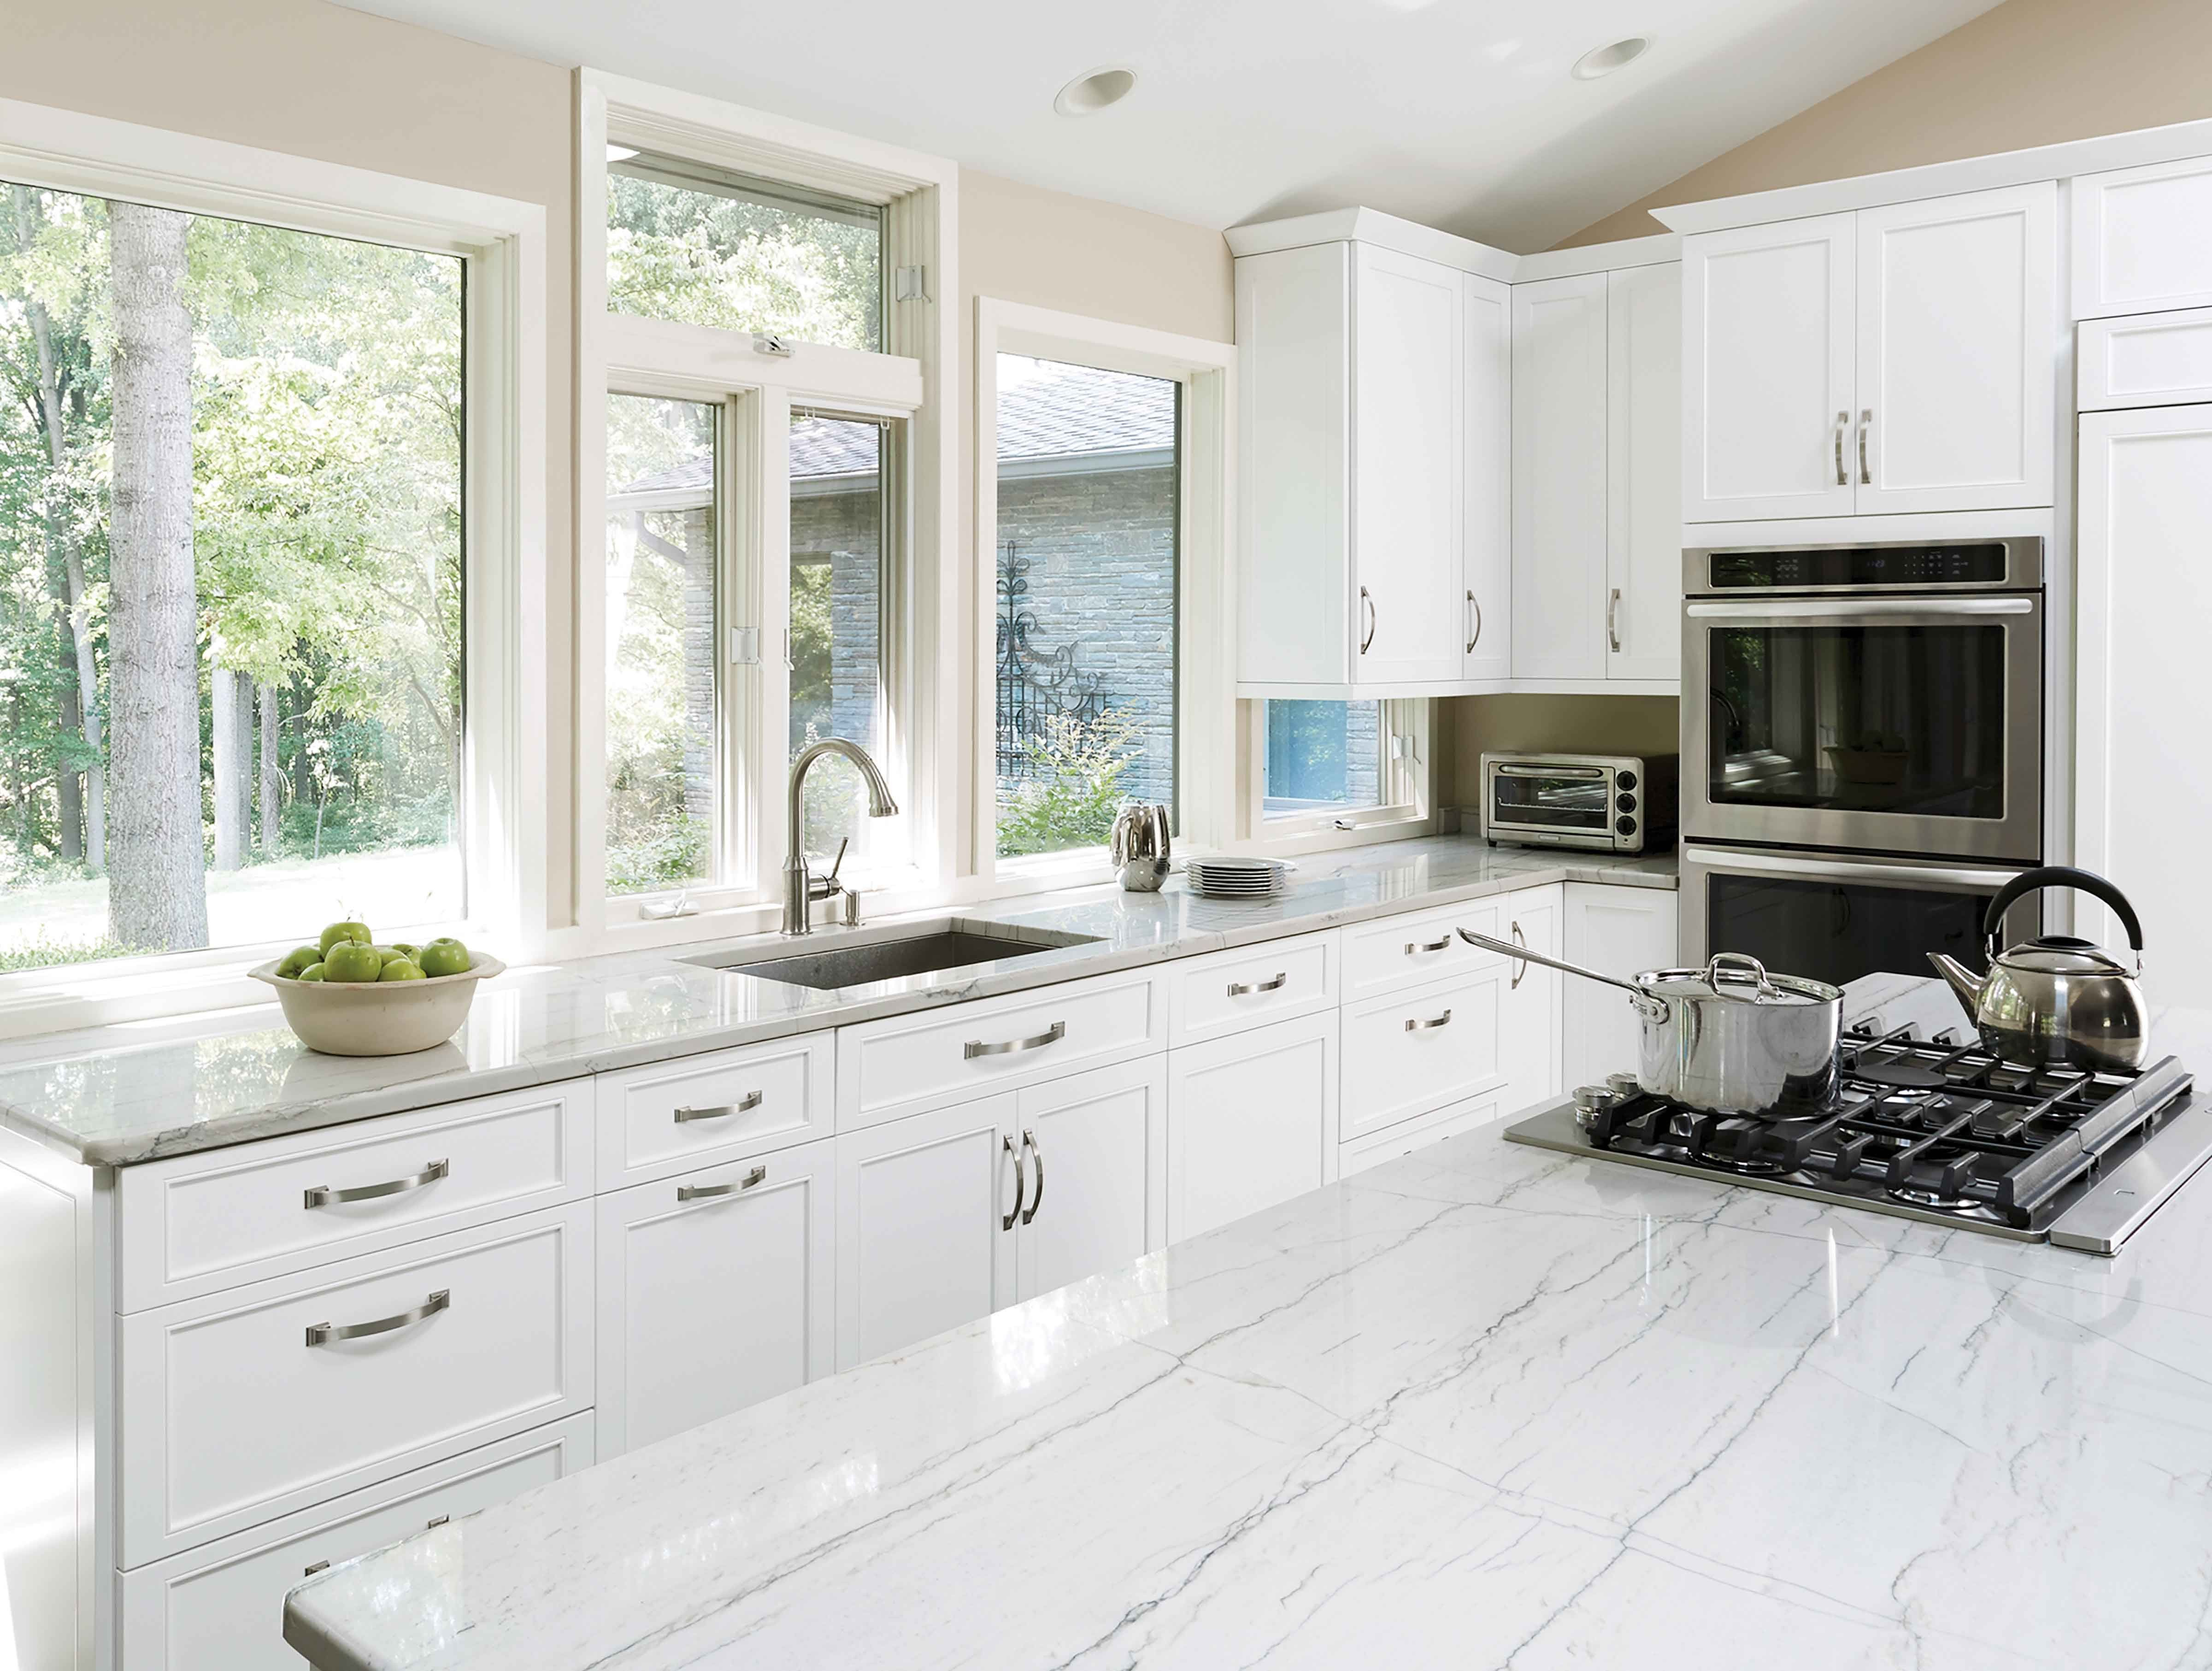 Gallery Transitional kitchen, White kitchen